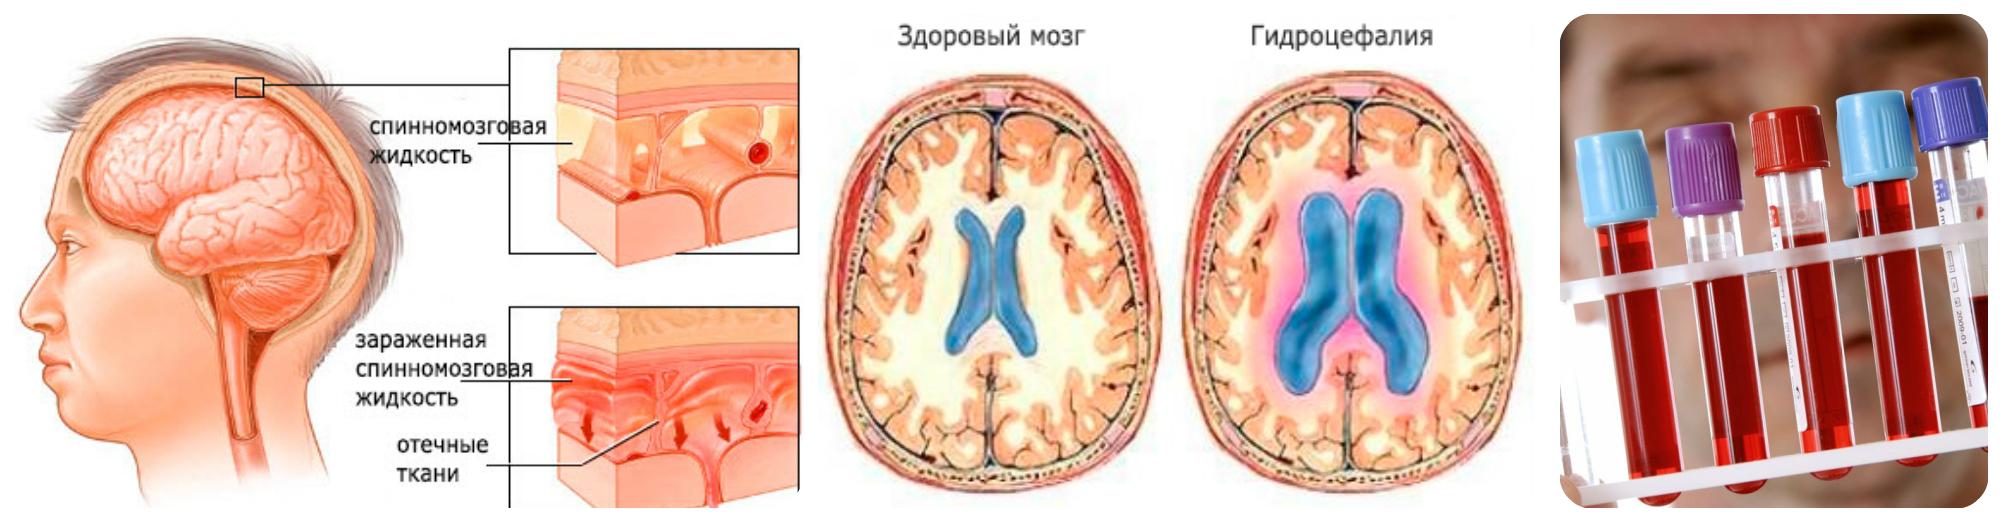 гидроэцофалия, воспаление оболочки мозга, биохимеческий дисбаланс